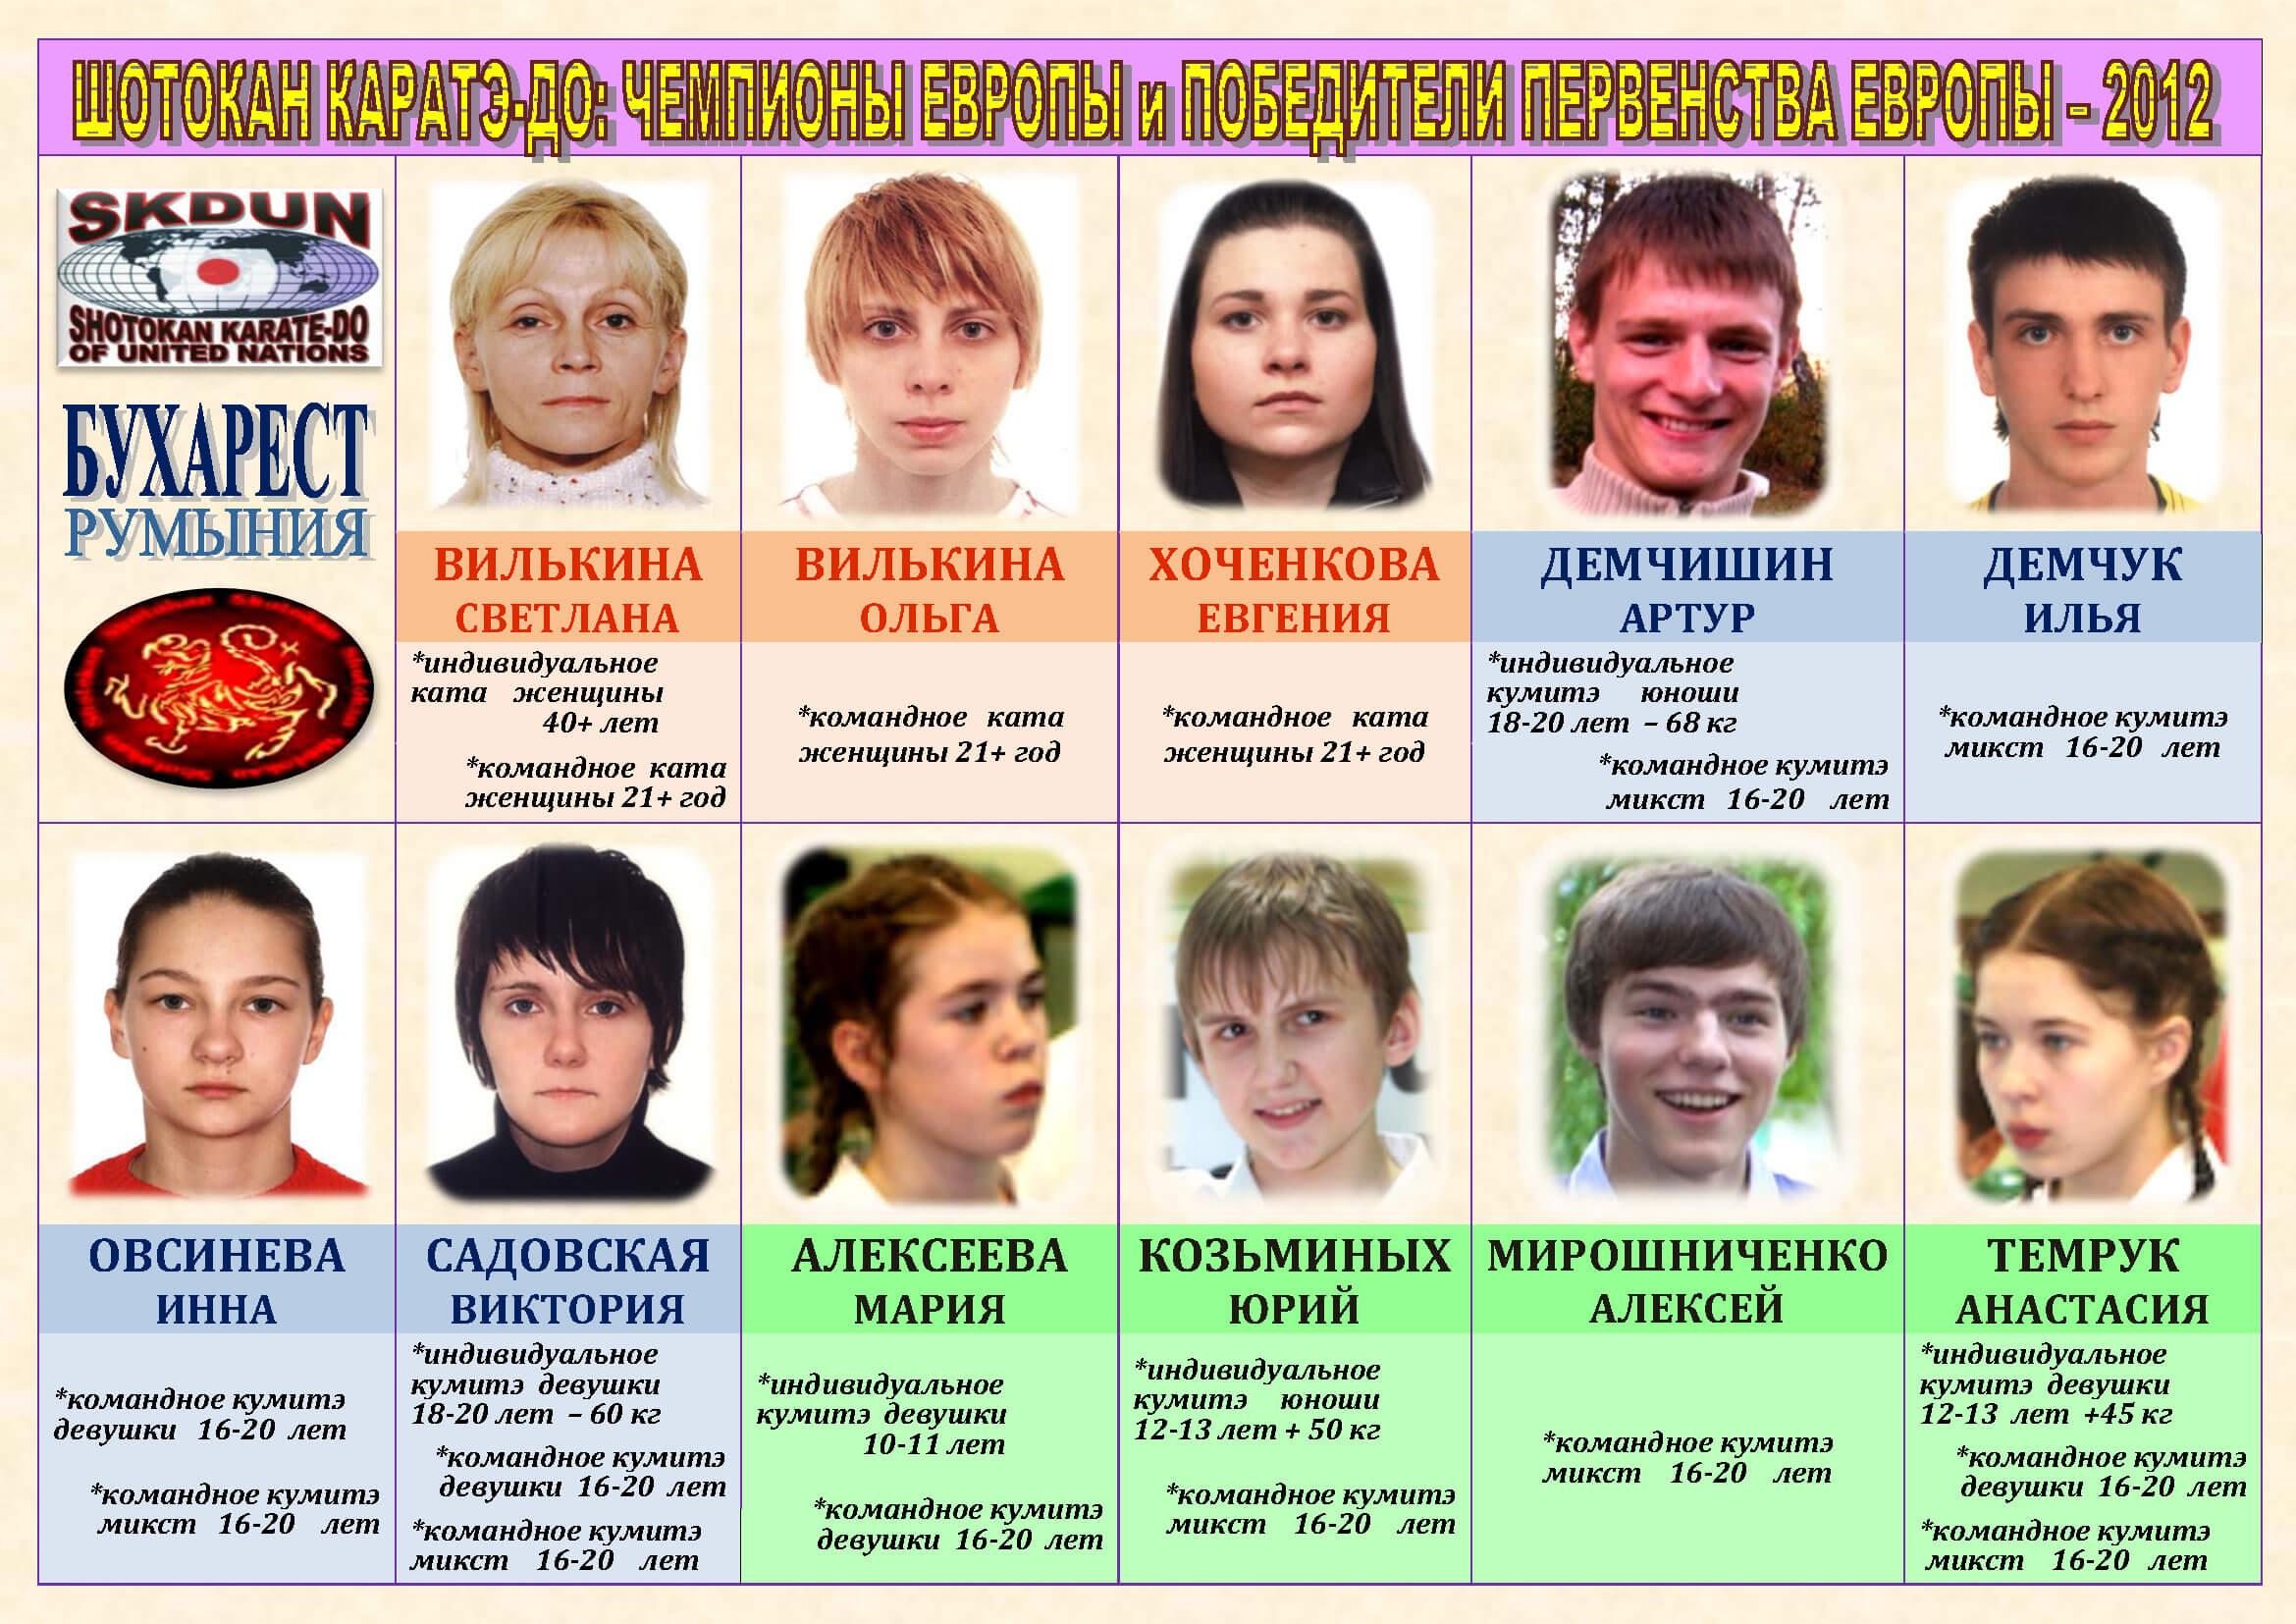 Бухарест 2012 Чемпионы и победители